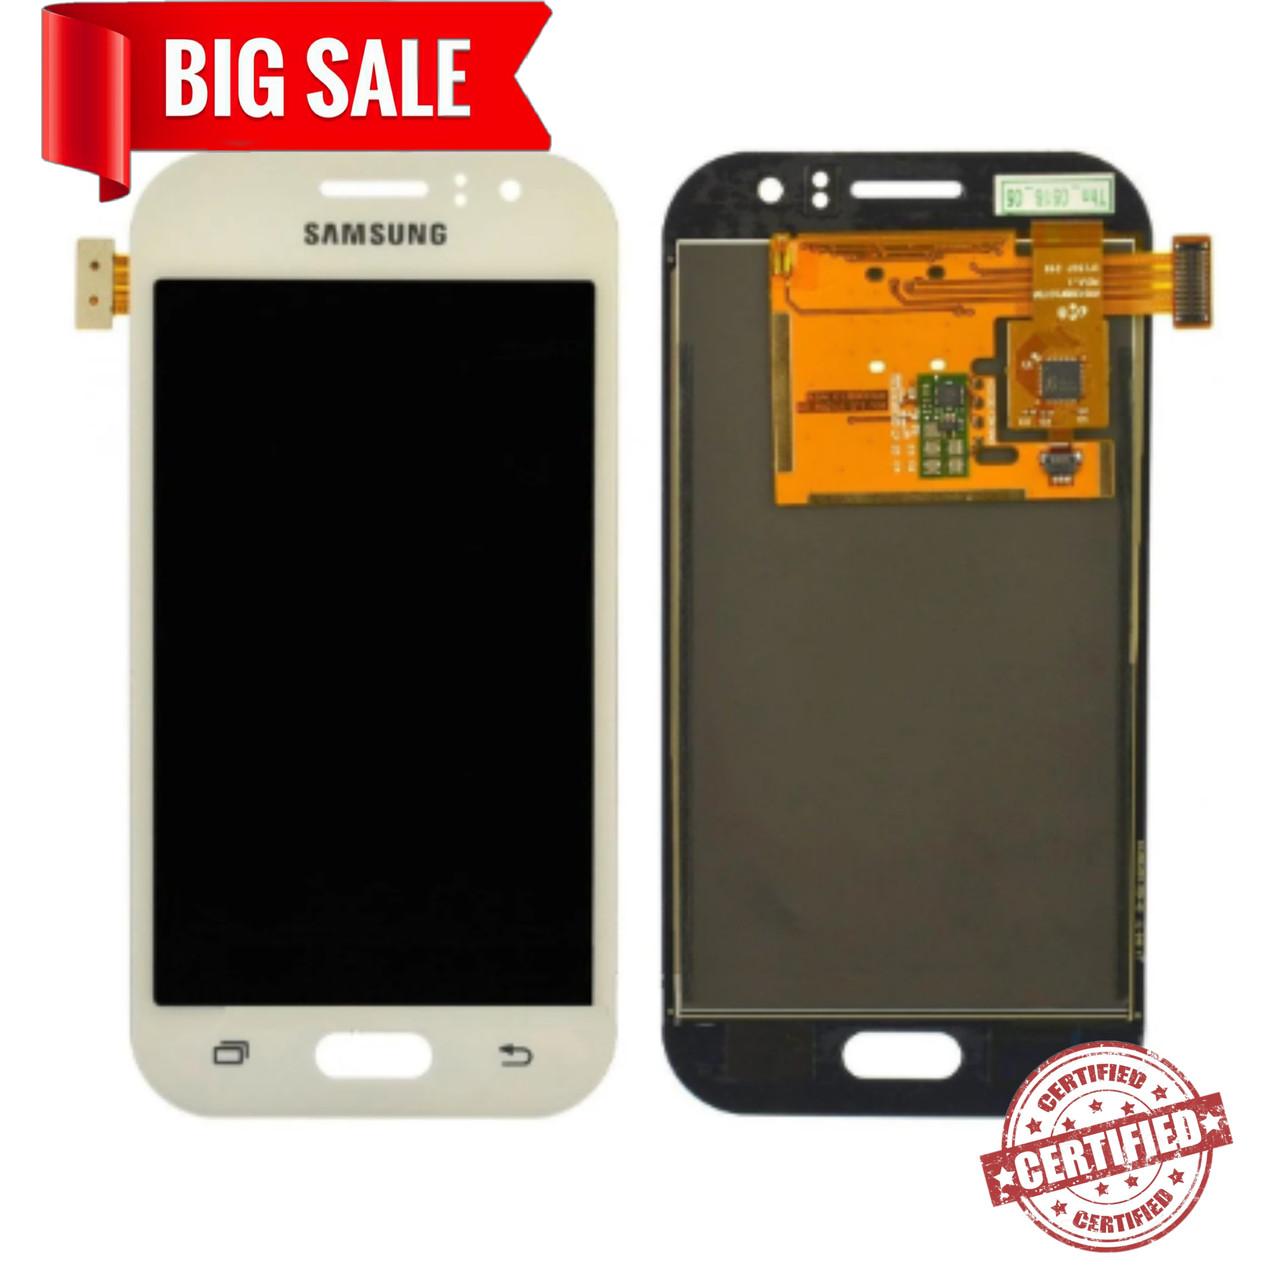 Модуль(сенсор+дисплей) Samsung J110H/J110G/DS /J110L/J110M Galaxy J1 Ace TFT З РЕГУЛЮВАННЯМ ЯСКРАВОСТІ білий